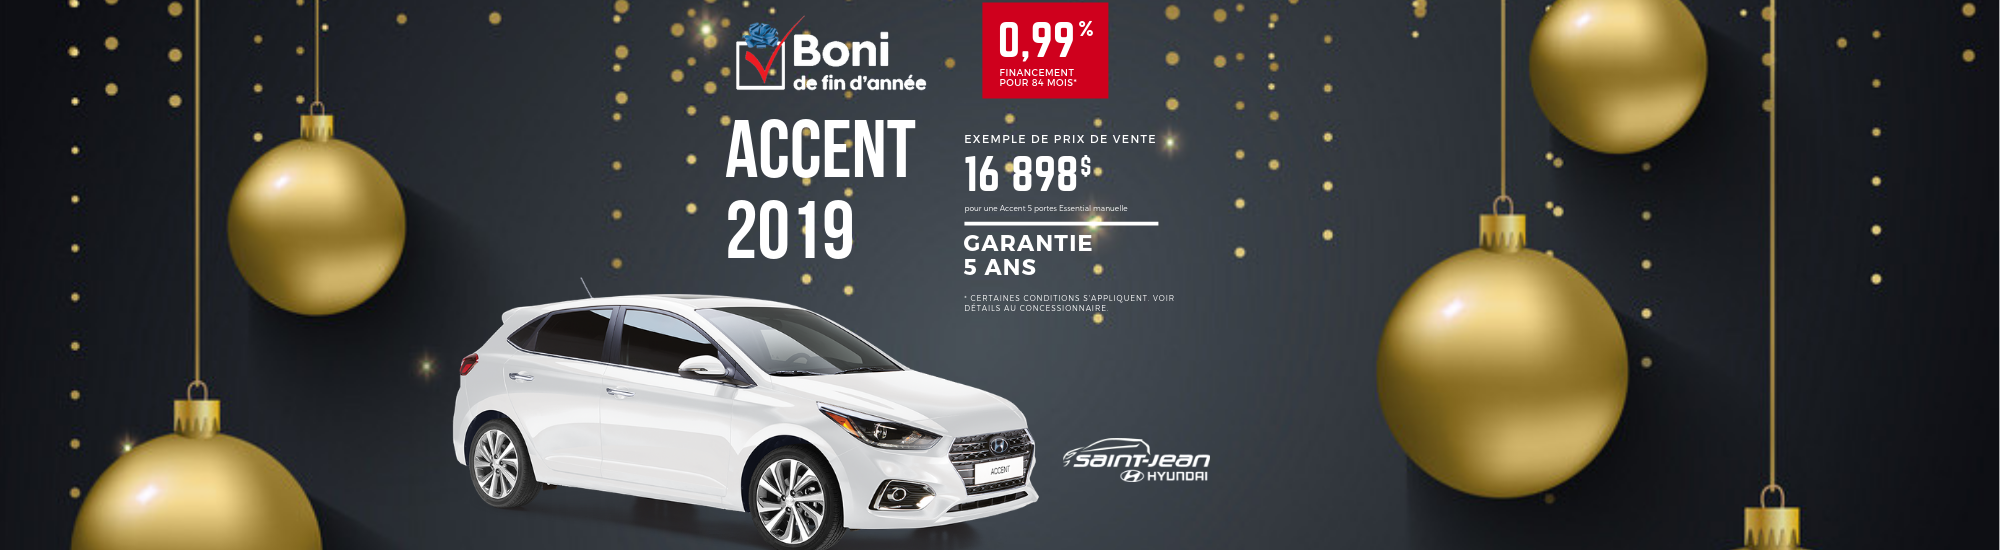 Accent 2019